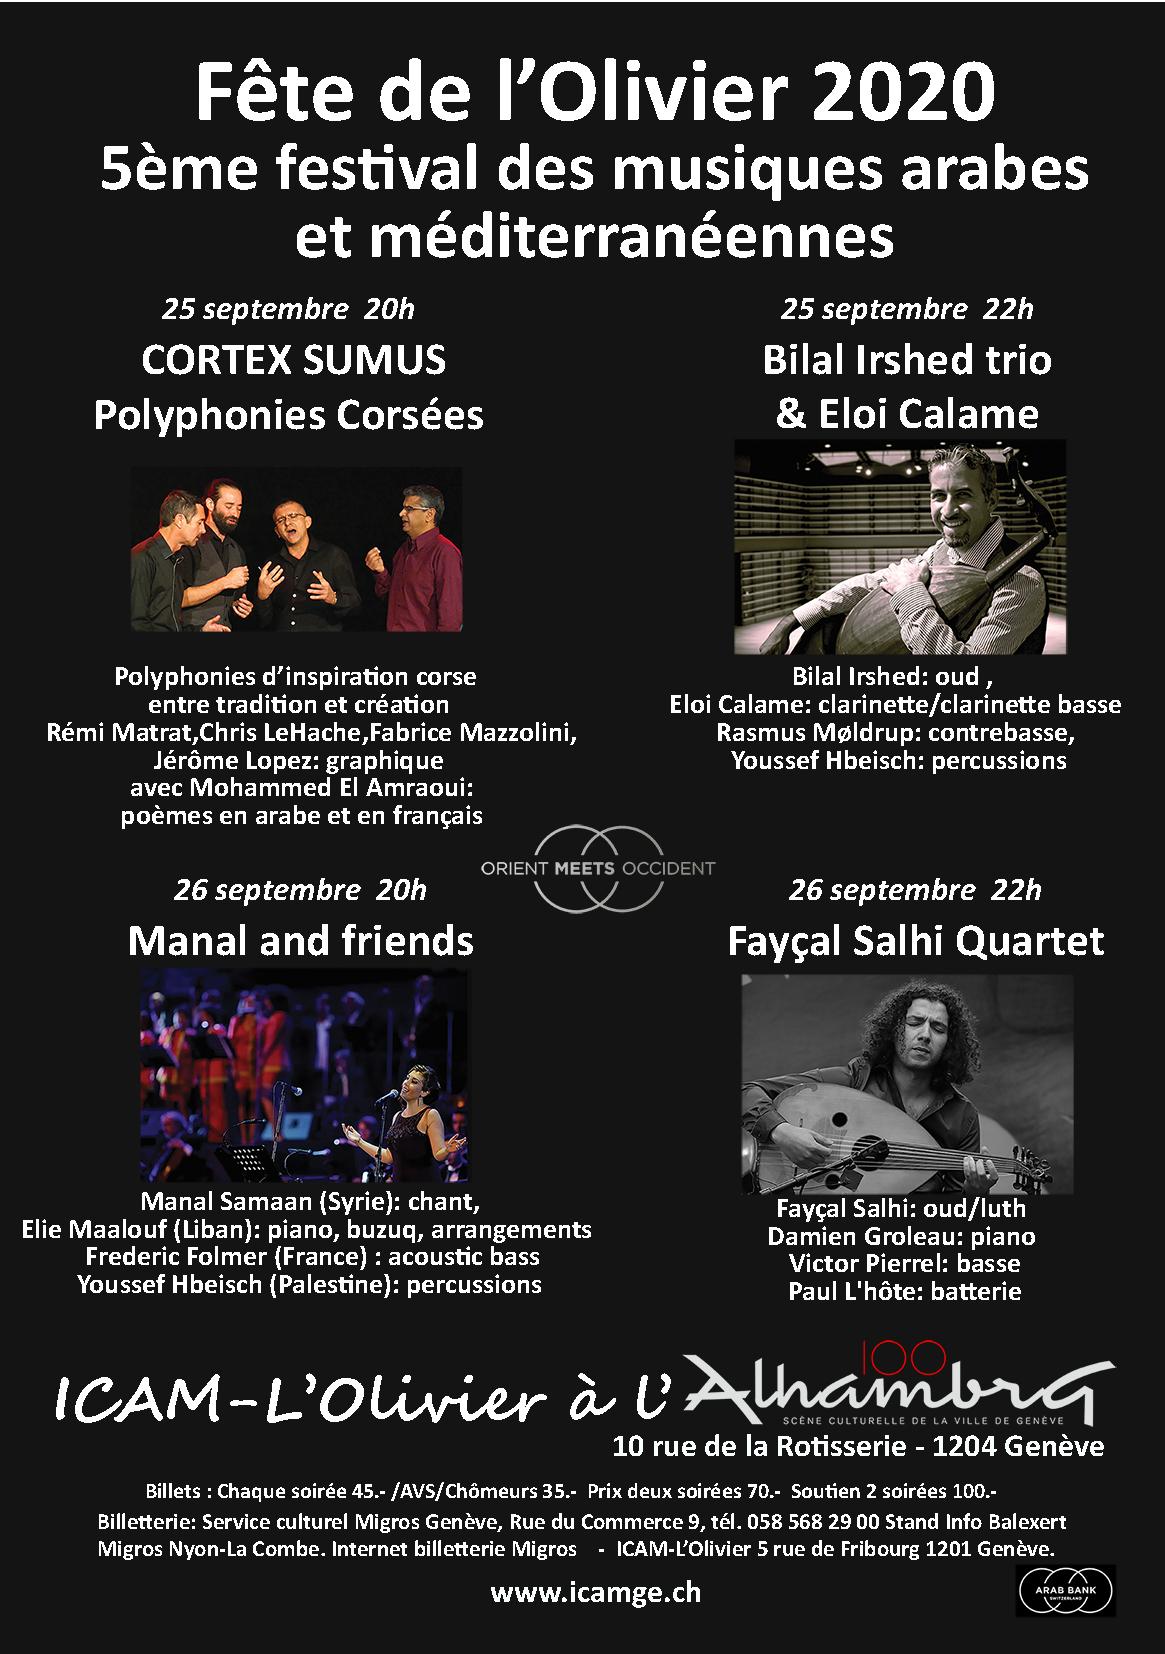 Fête de l'Olivier 2020 - 5ème Festival des musiques arabes et méditerranéennes @ Alhambra - Genève | Genève | Genève | Switzerland